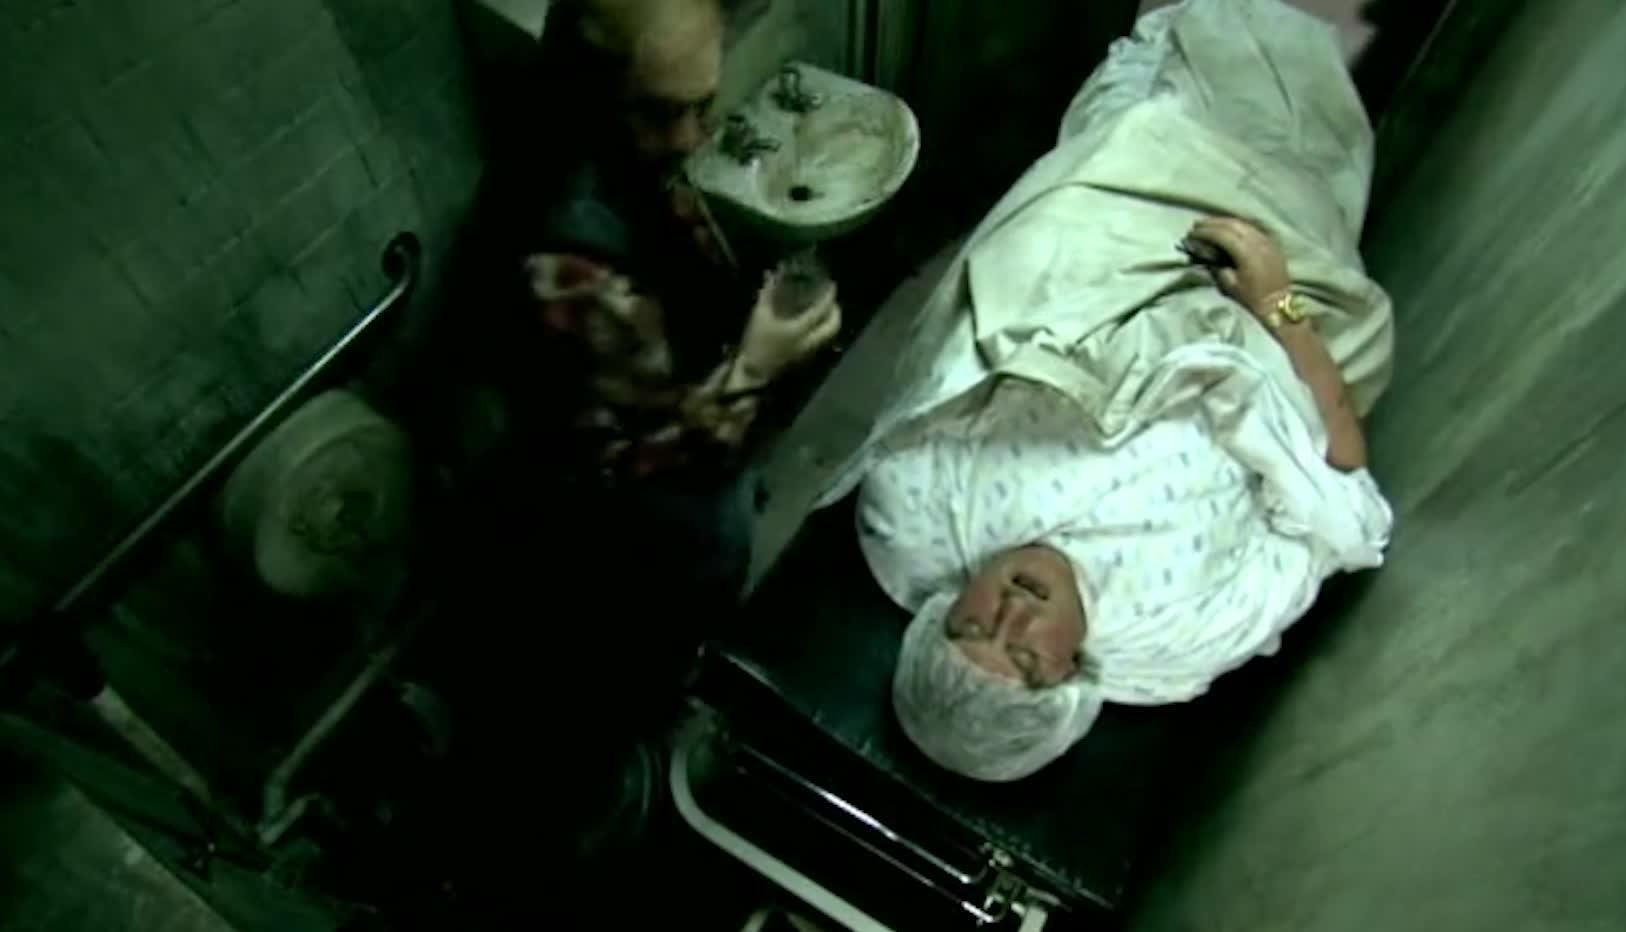 医生找来一条女人手臂,为独臂男按上,独臂男醒来后崩溃大叫